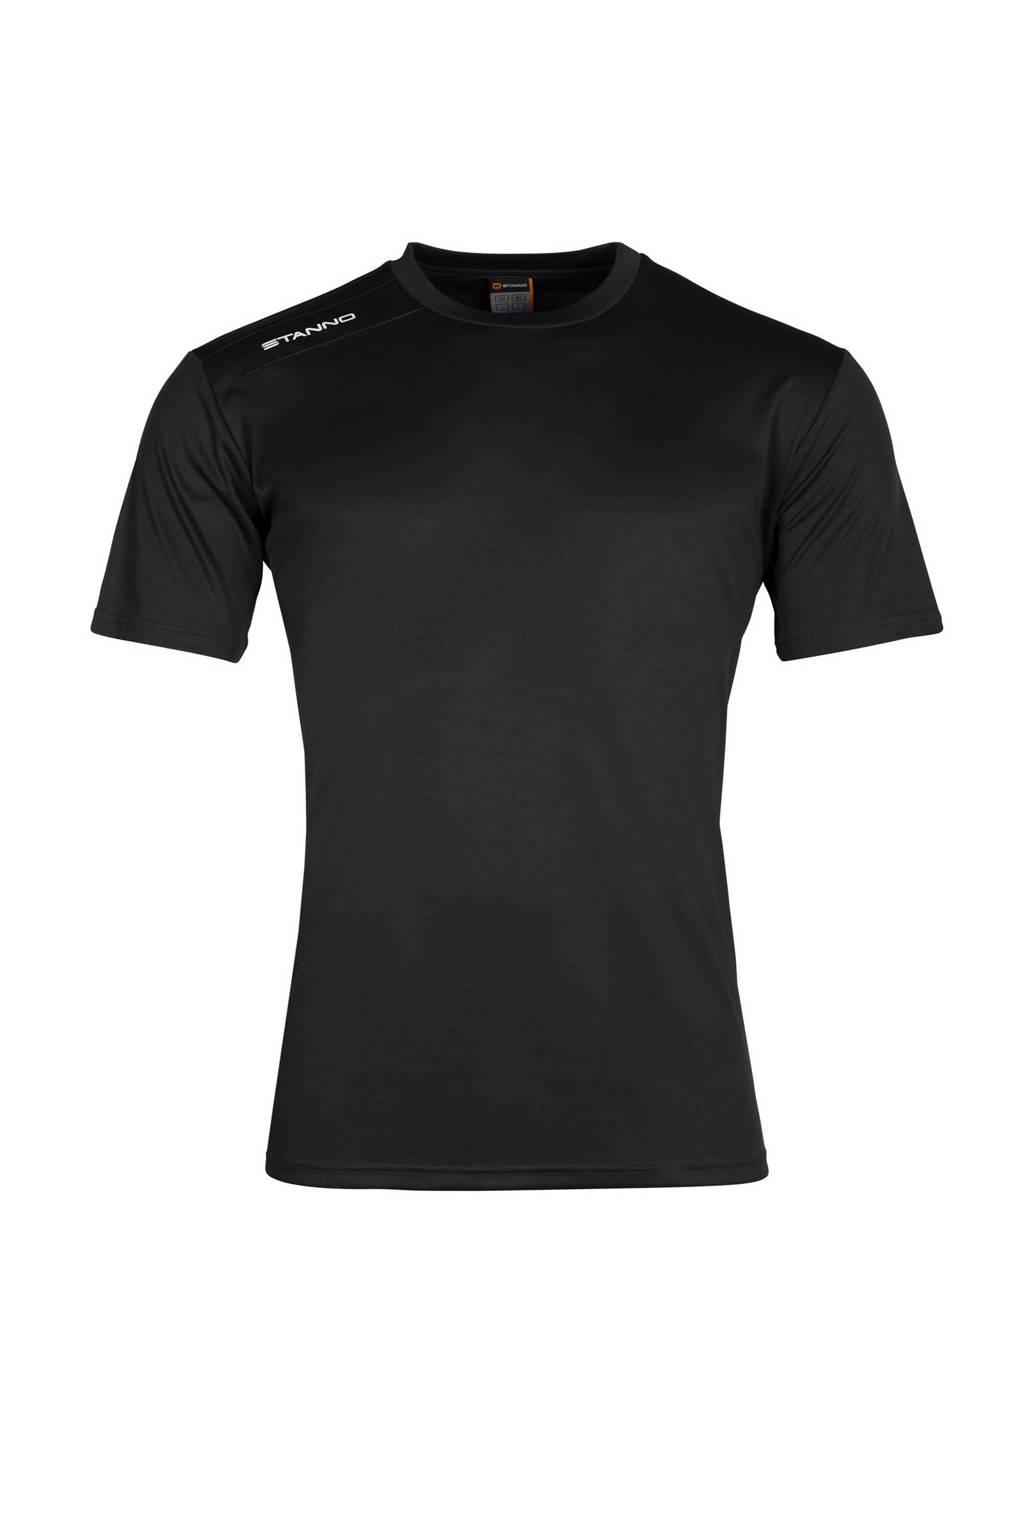 Stanno Junior  sport T-shirt, Zwart/wit, Jongens